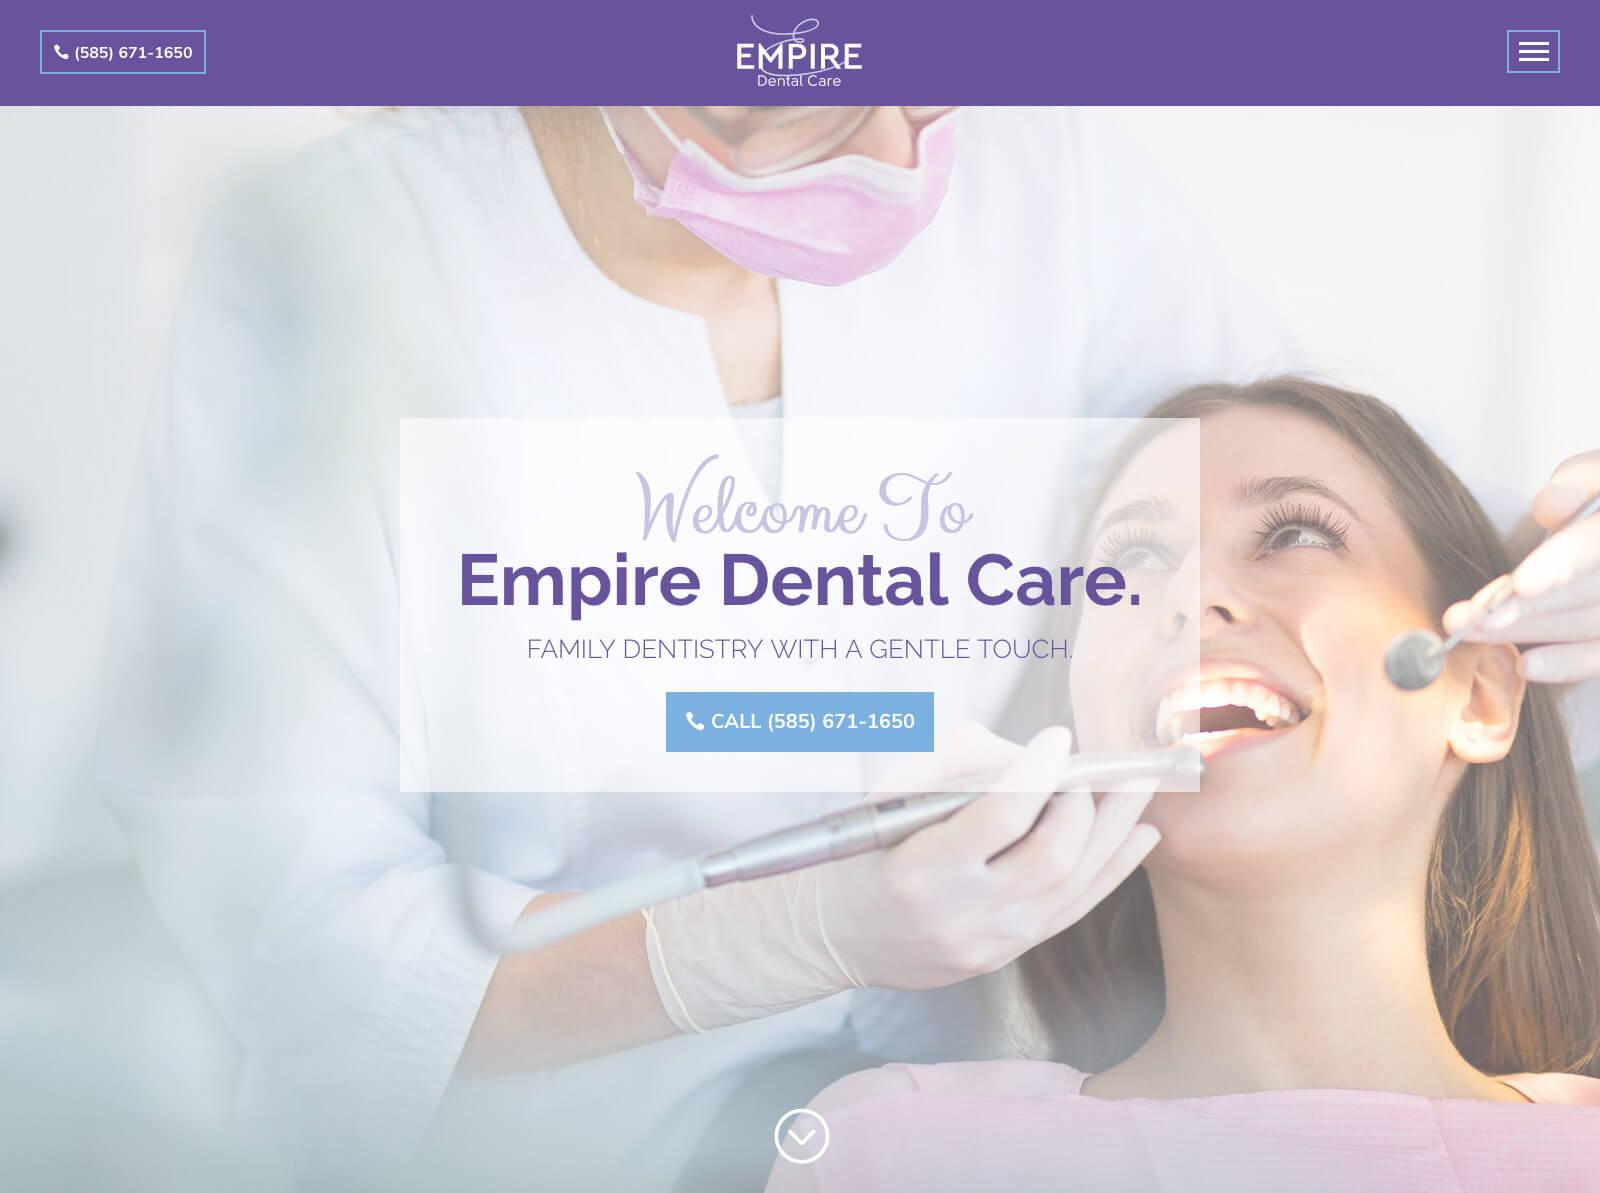 empire-dental-care-website-design